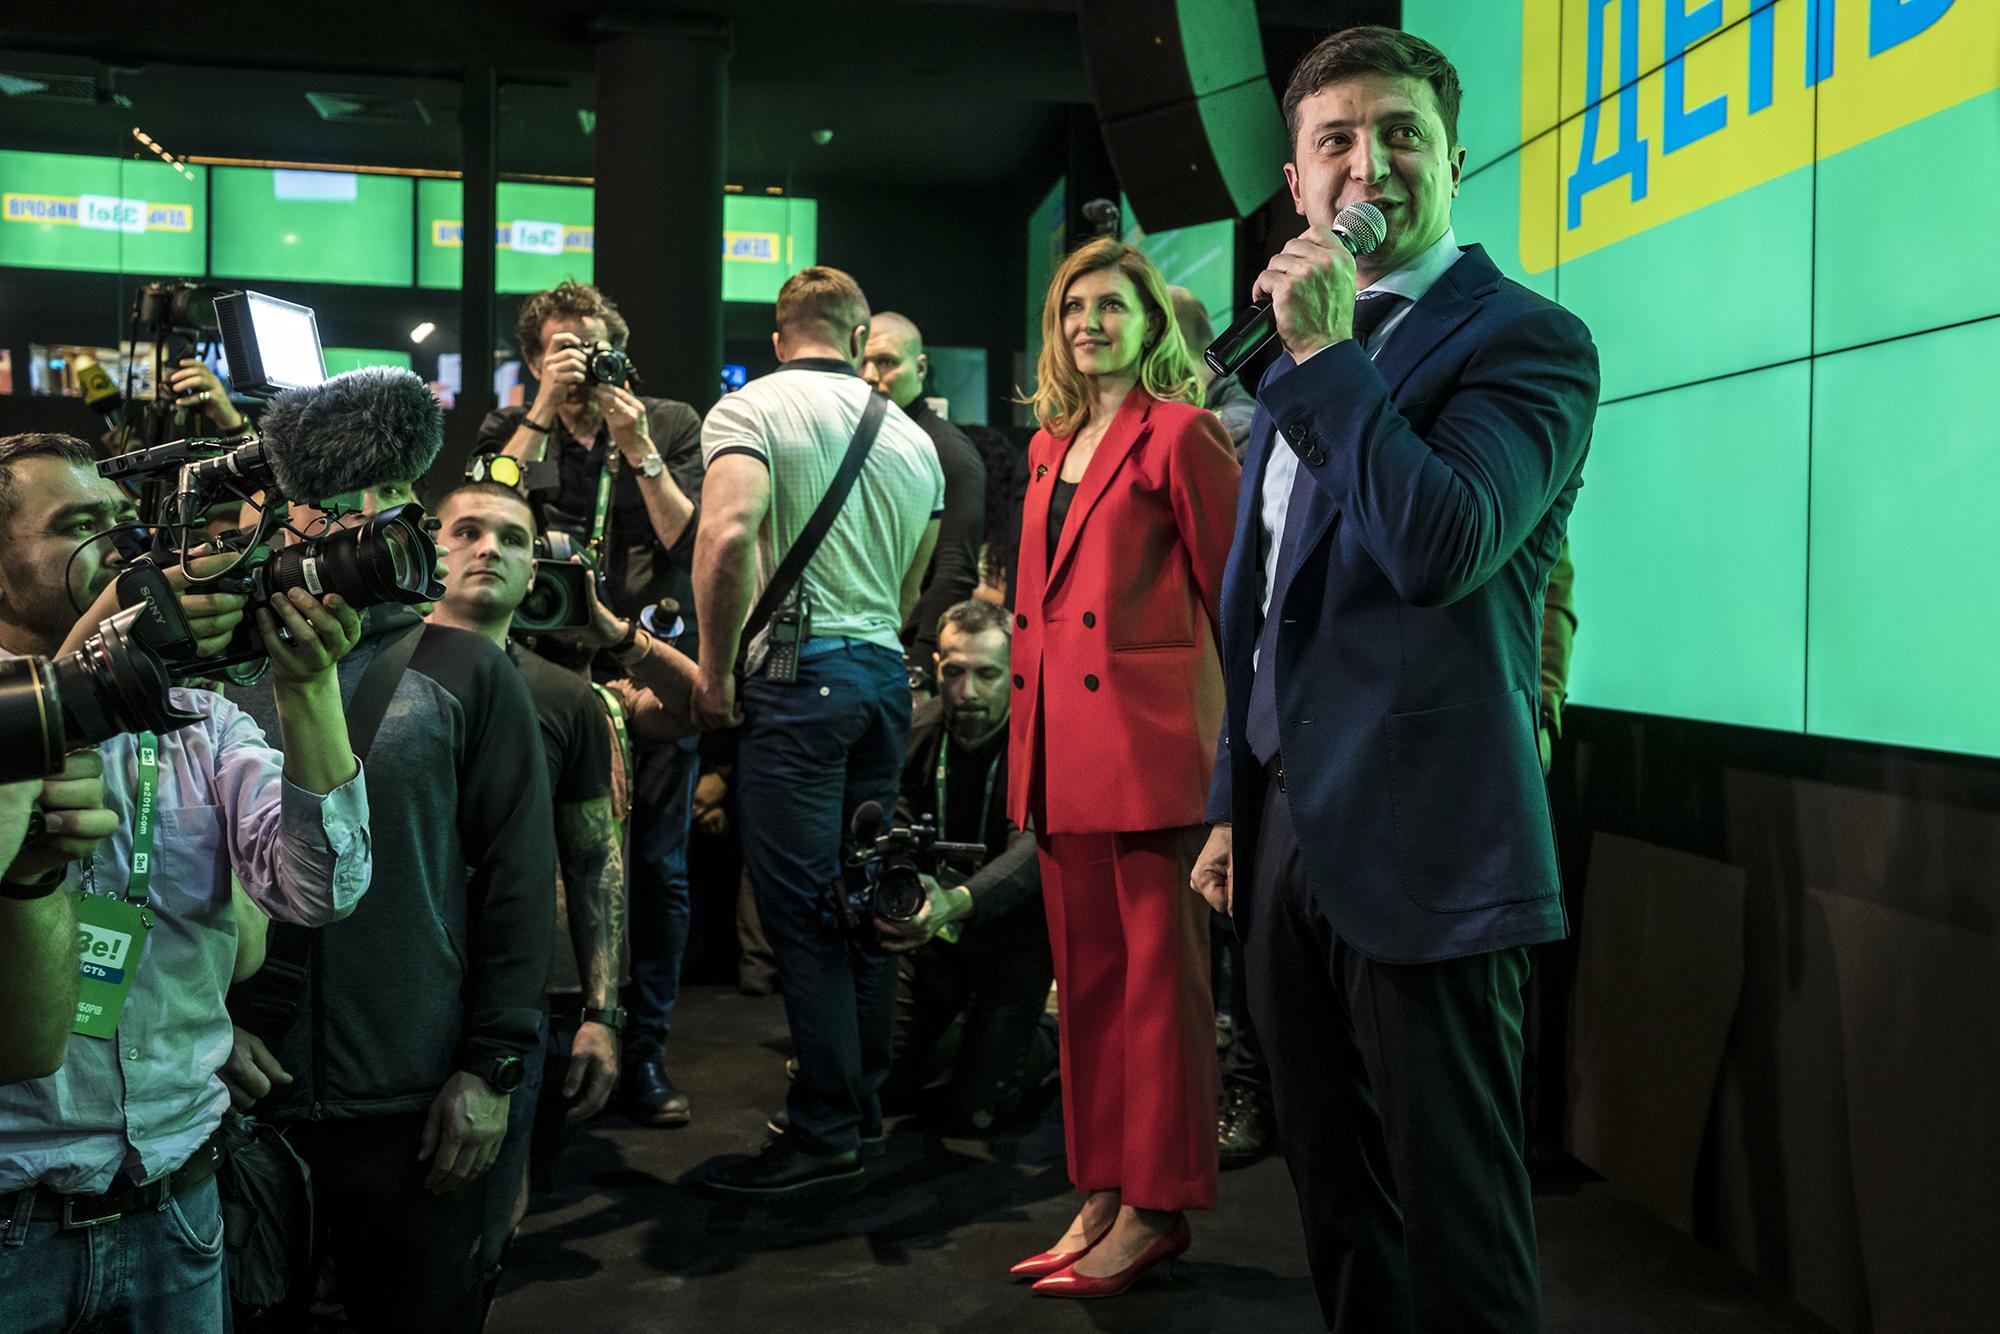 ¿Caras nuevas en la política ucraniana?